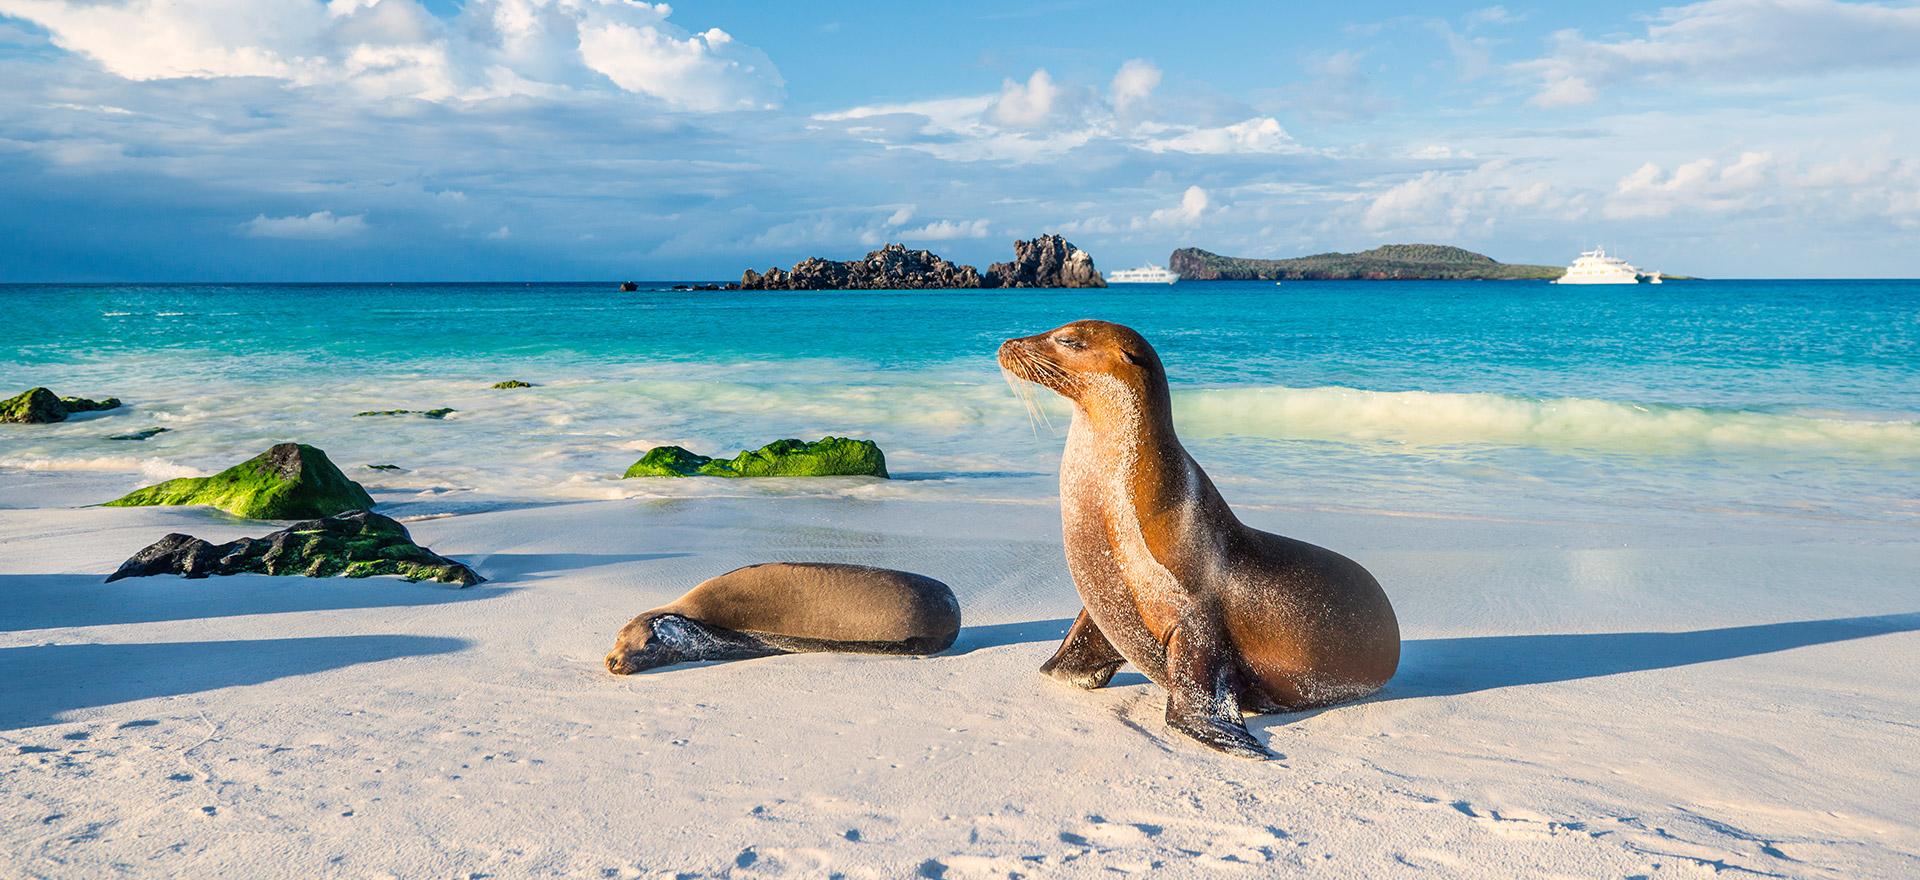 Ecuador & Galapagos - Sea lions on beach